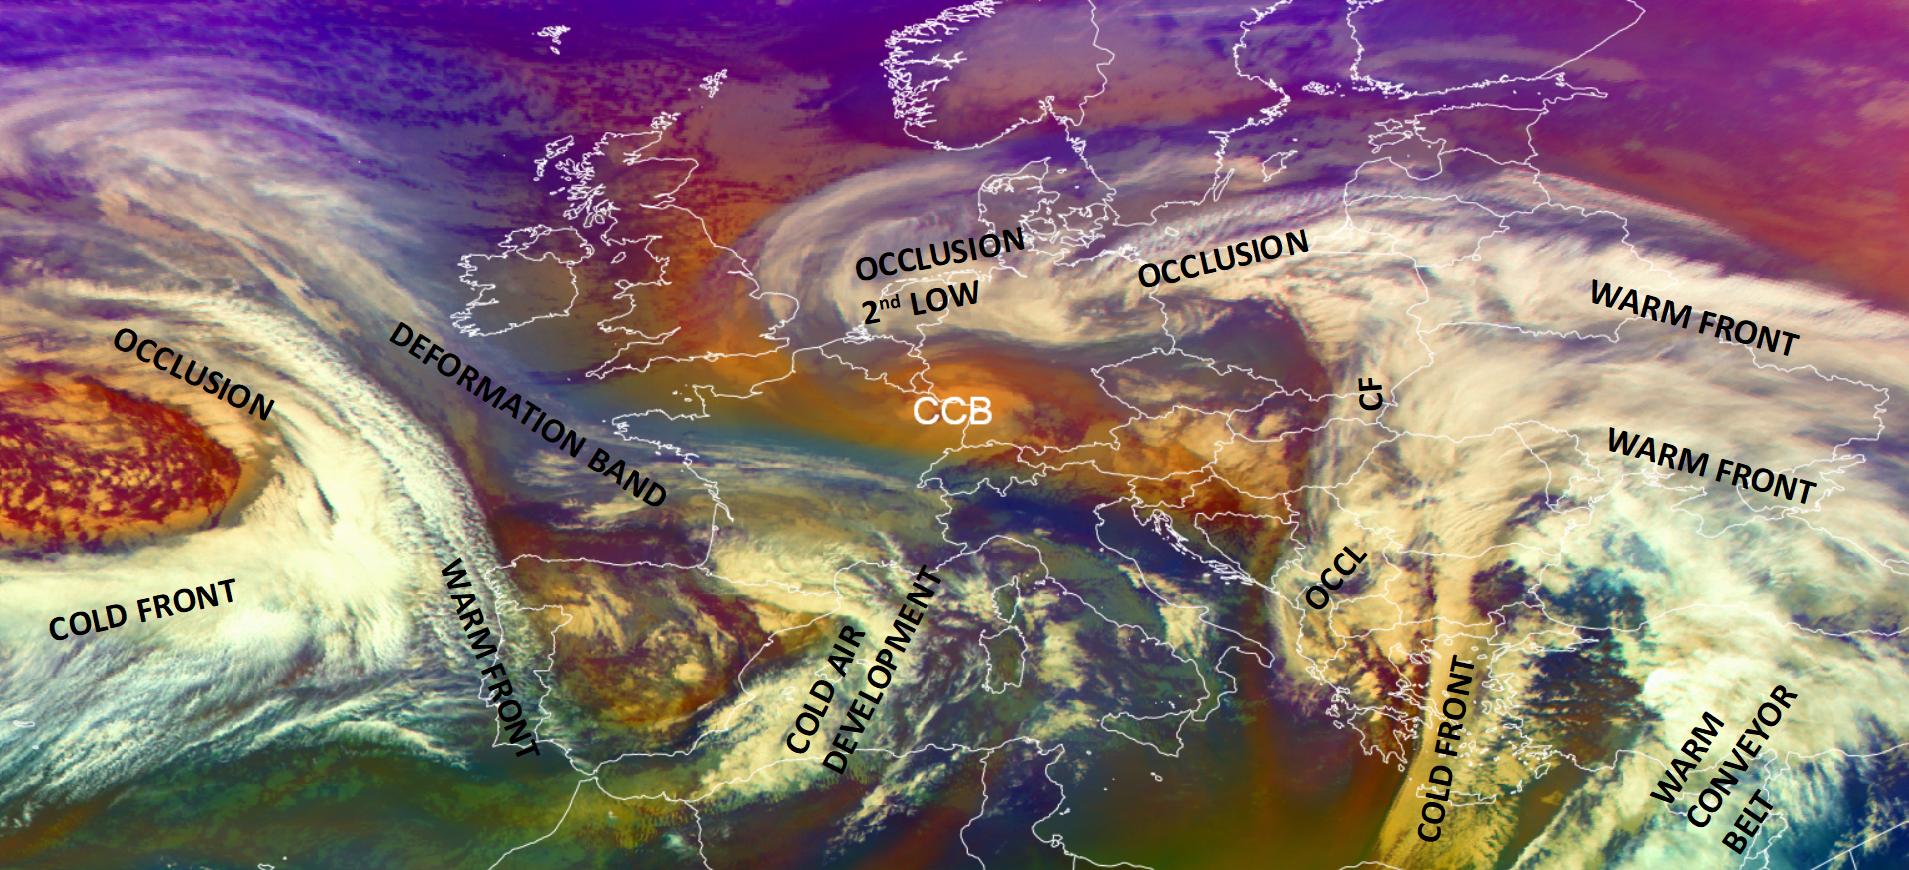 Meteosat-11 Airmass RGB, 8 Feb 2021